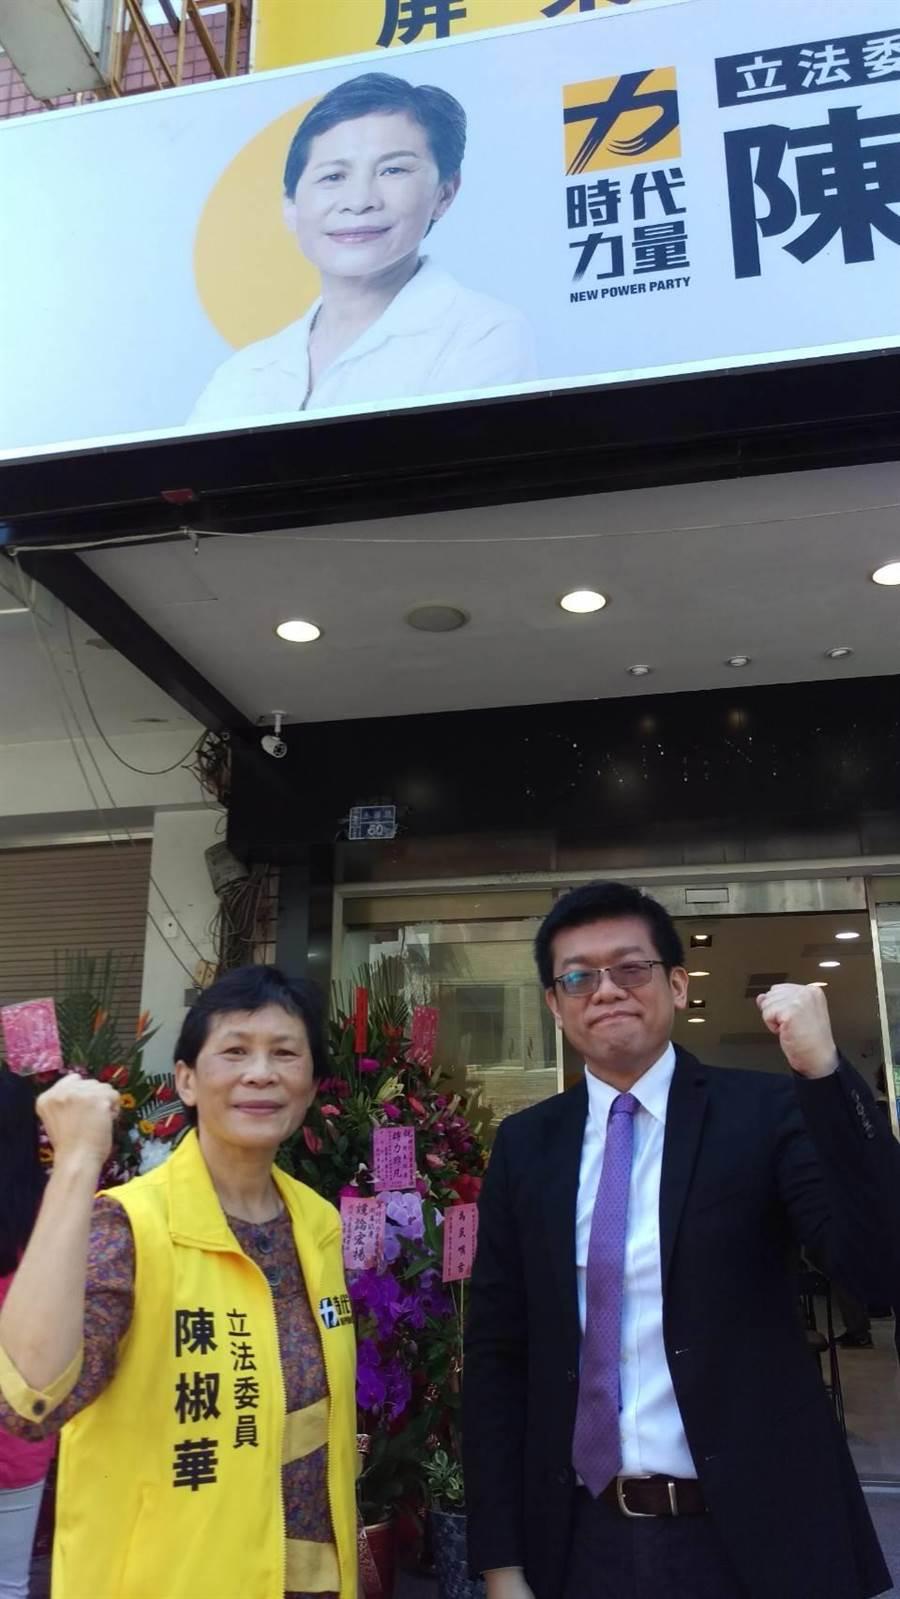 時代力量屏東縣黨部2日成立,同時也是立委陳椒華服務處。(潘建志攝)